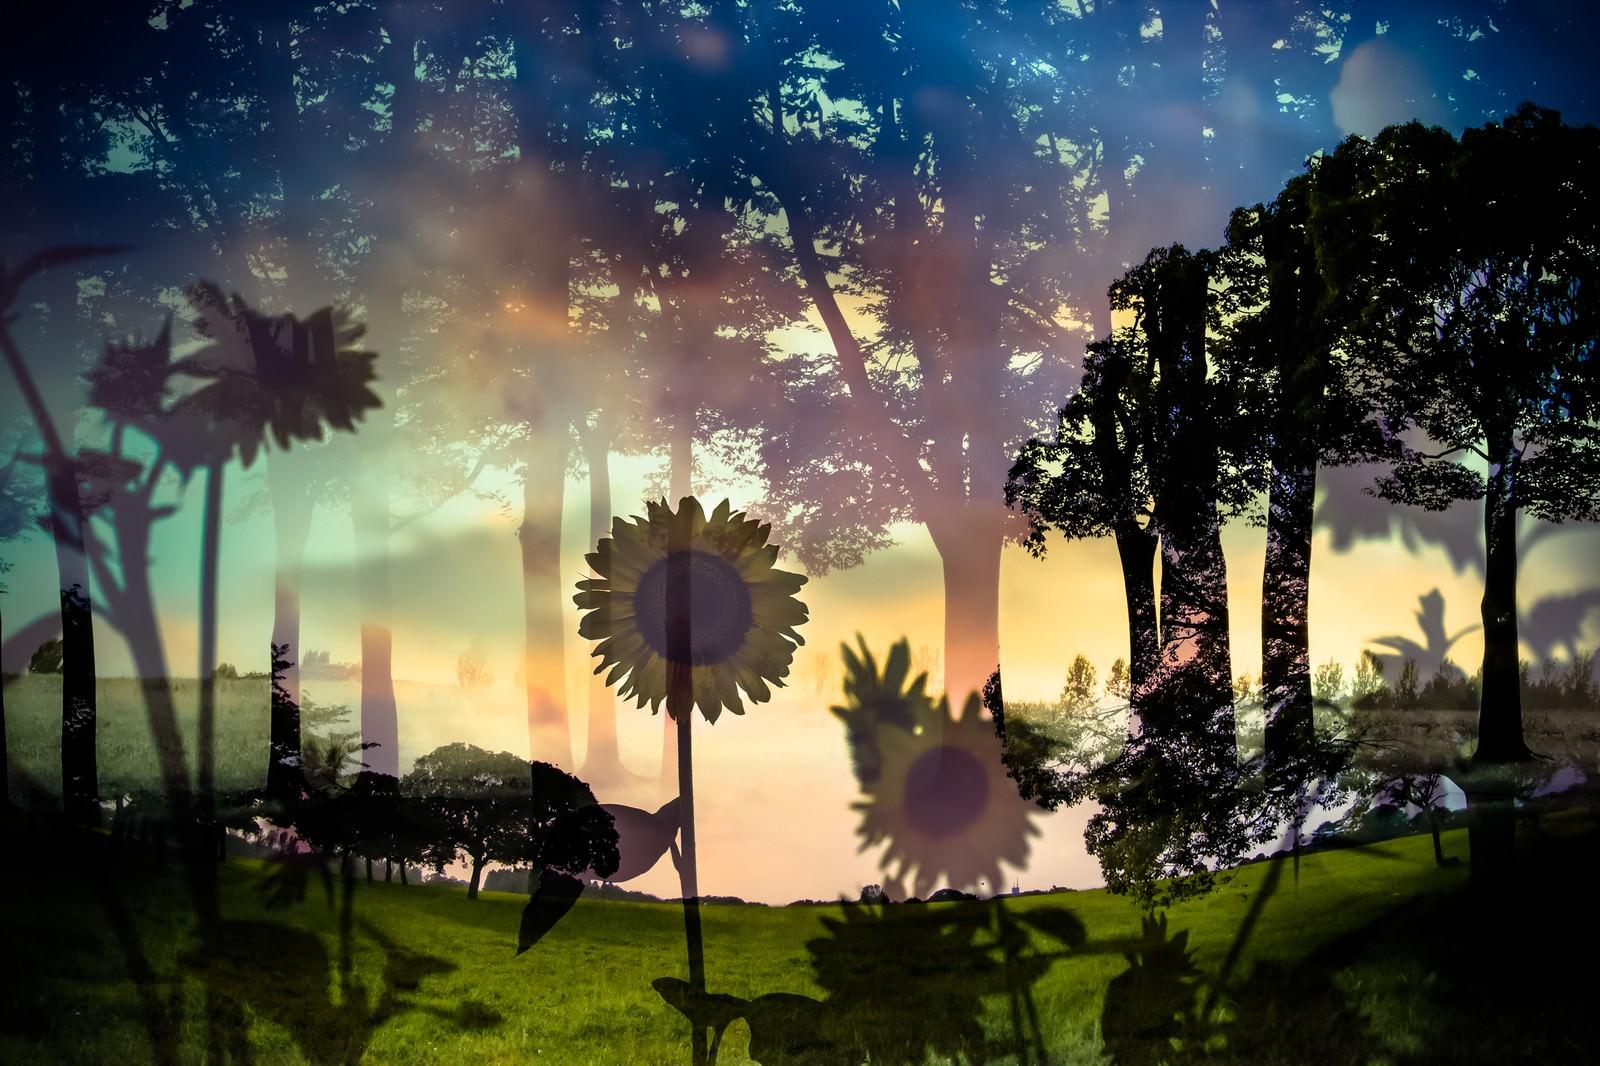 「虚像の夏(フォトモンタージュ)虚像の夏(フォトモンタージュ)」のフリー写真素材を拡大